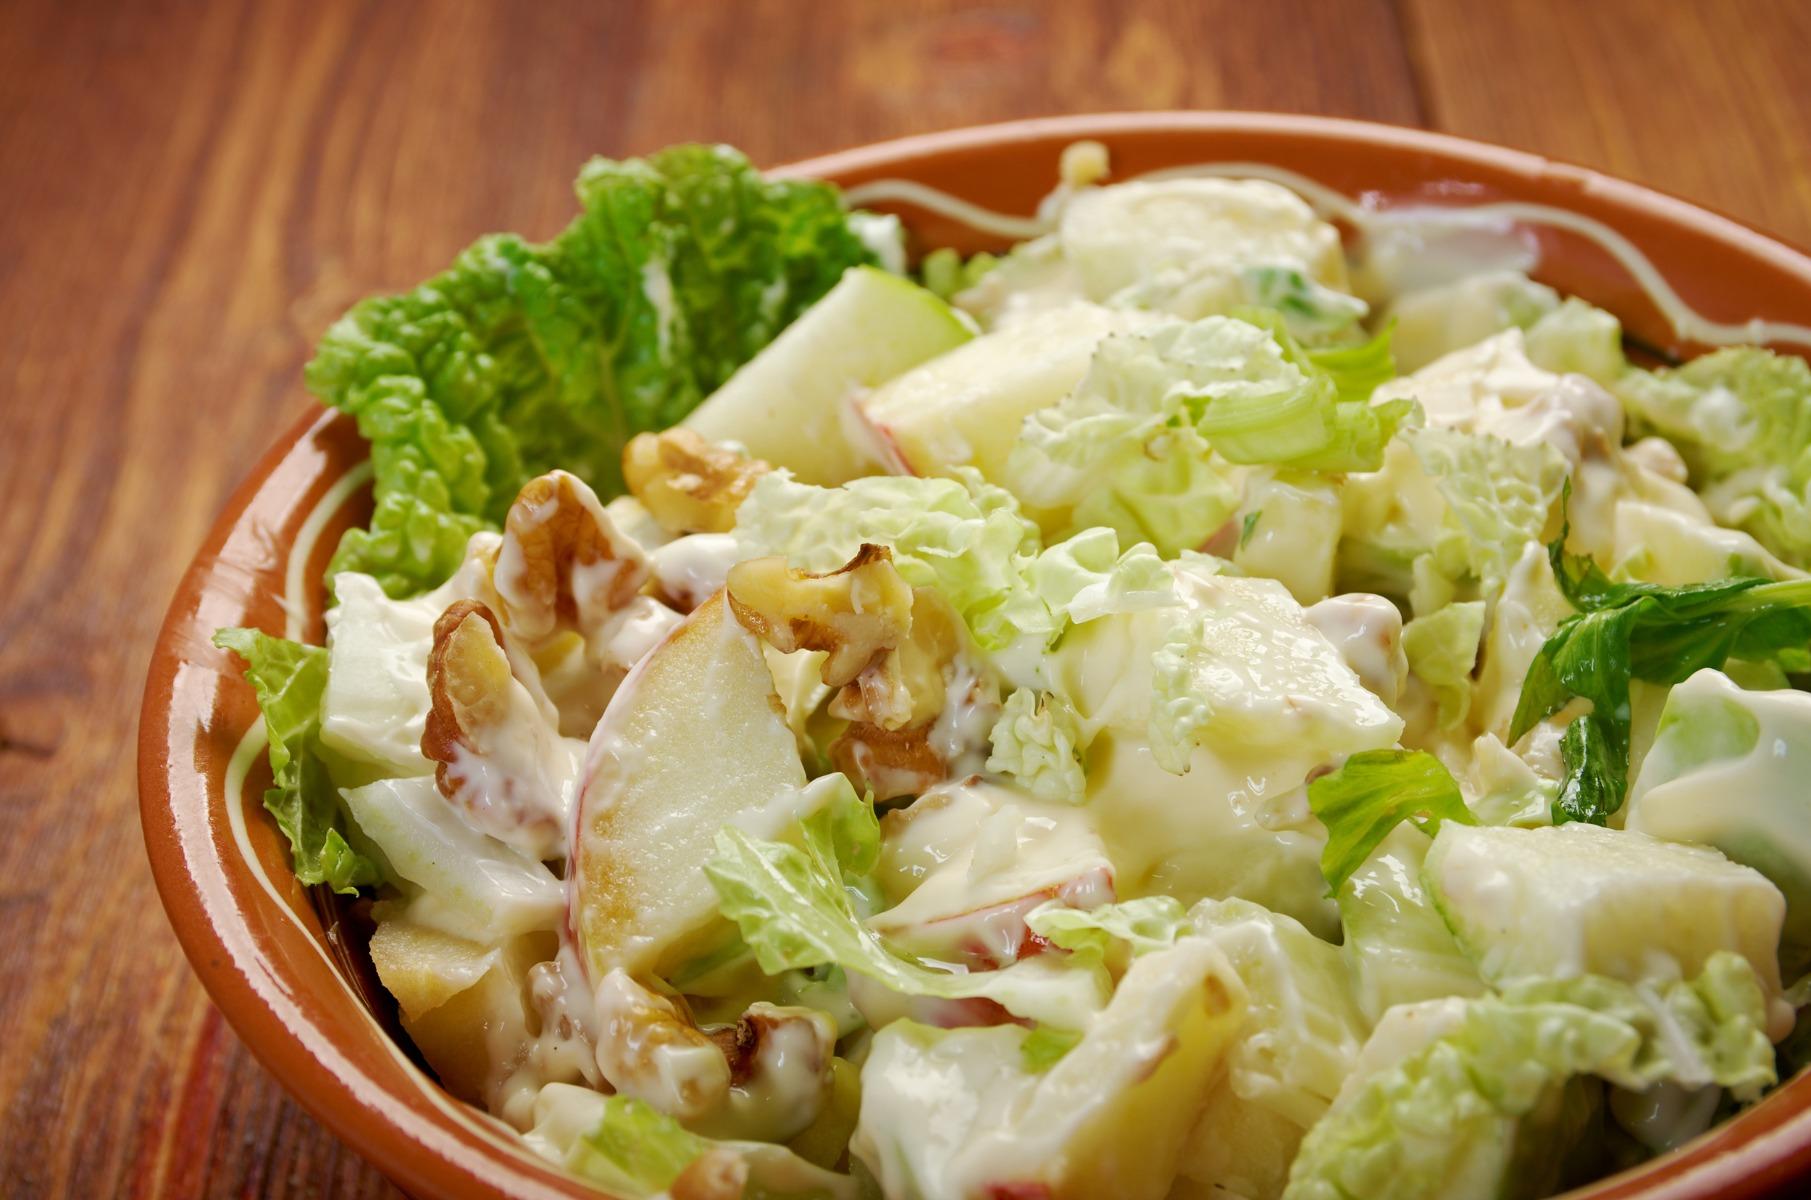 PrikenTik - wijnstreken - foodpairing - waldorfsalade